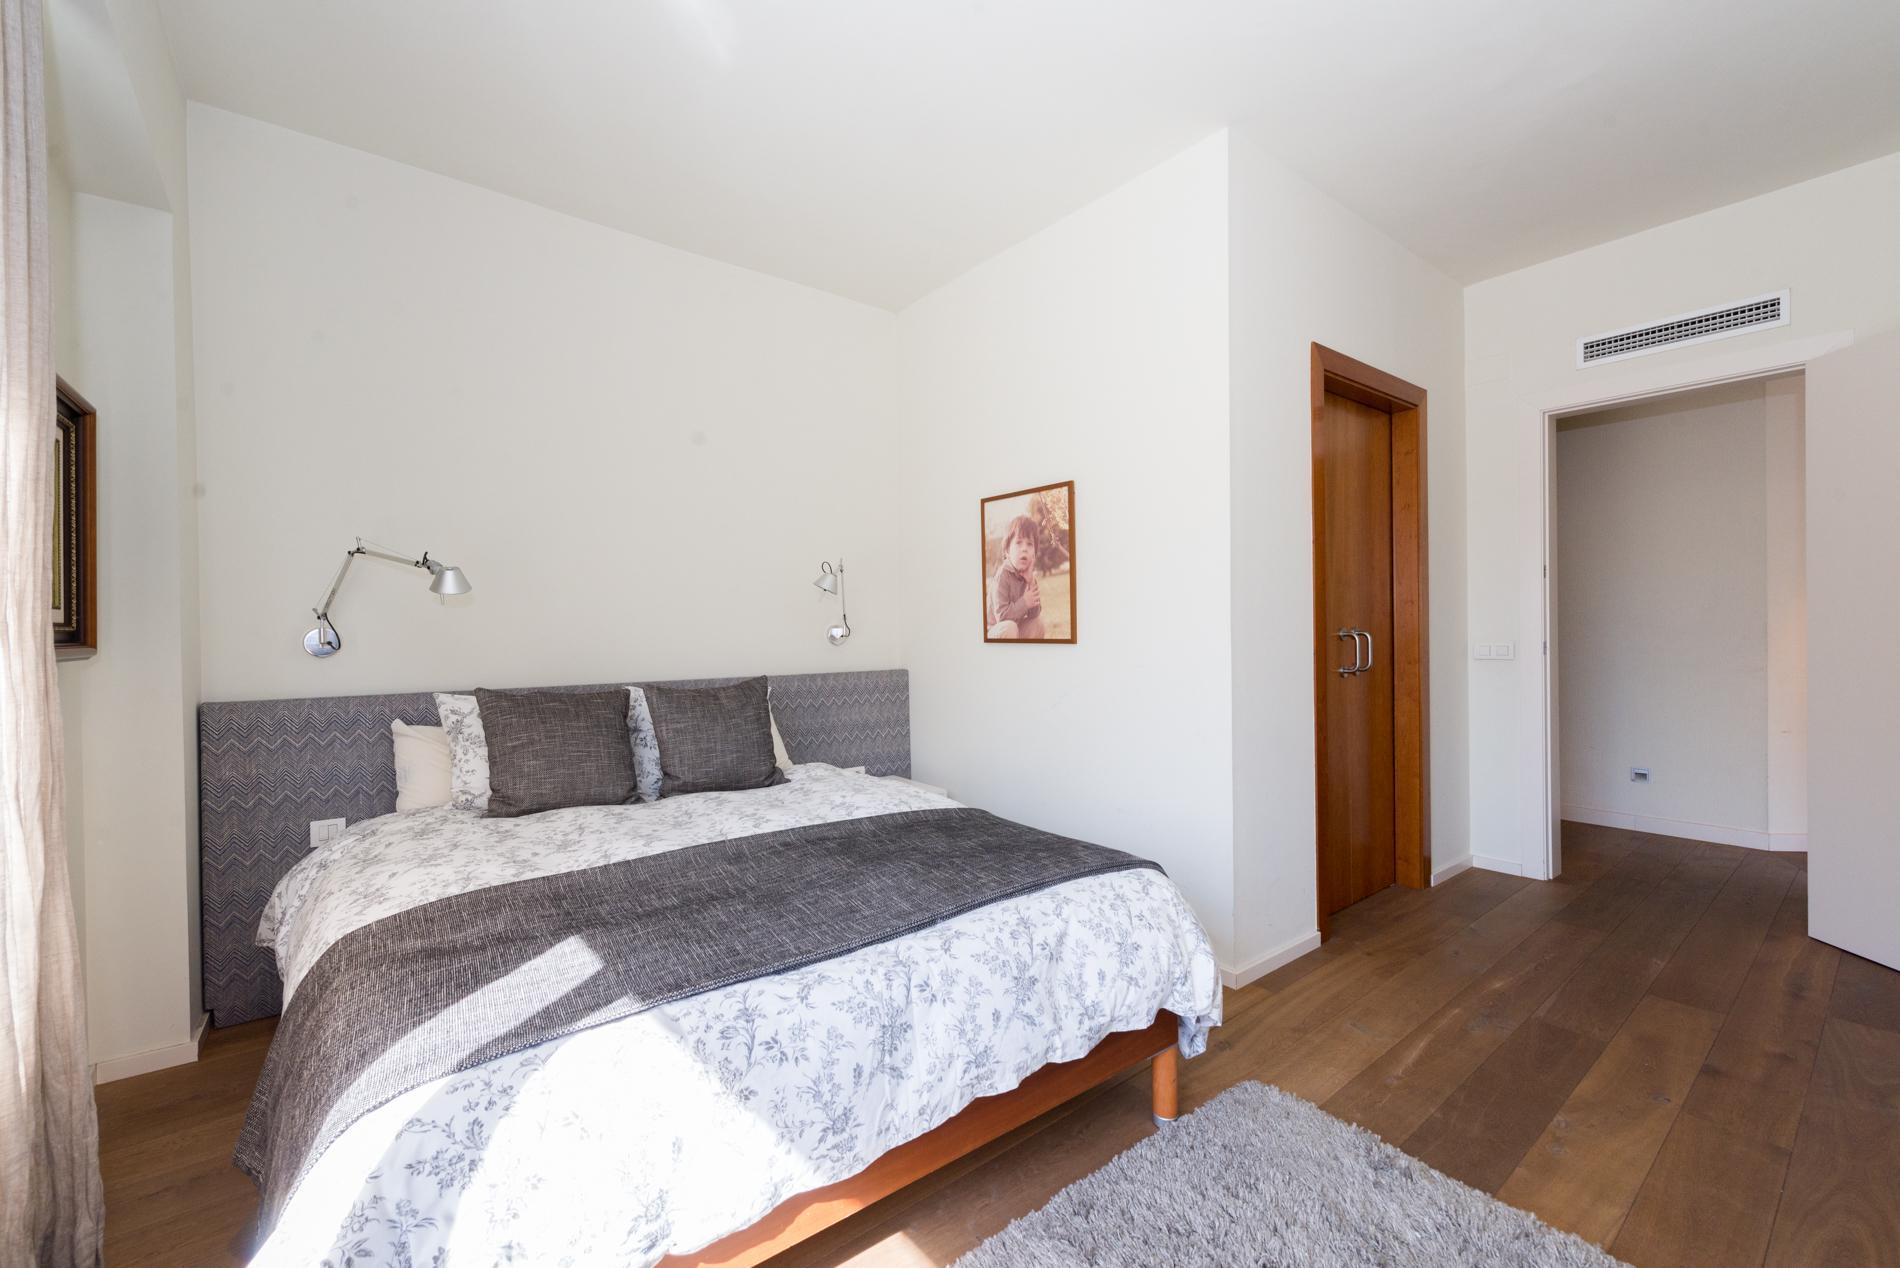 222426 Apartment for sale in Eixample, Dreta Eixample 24